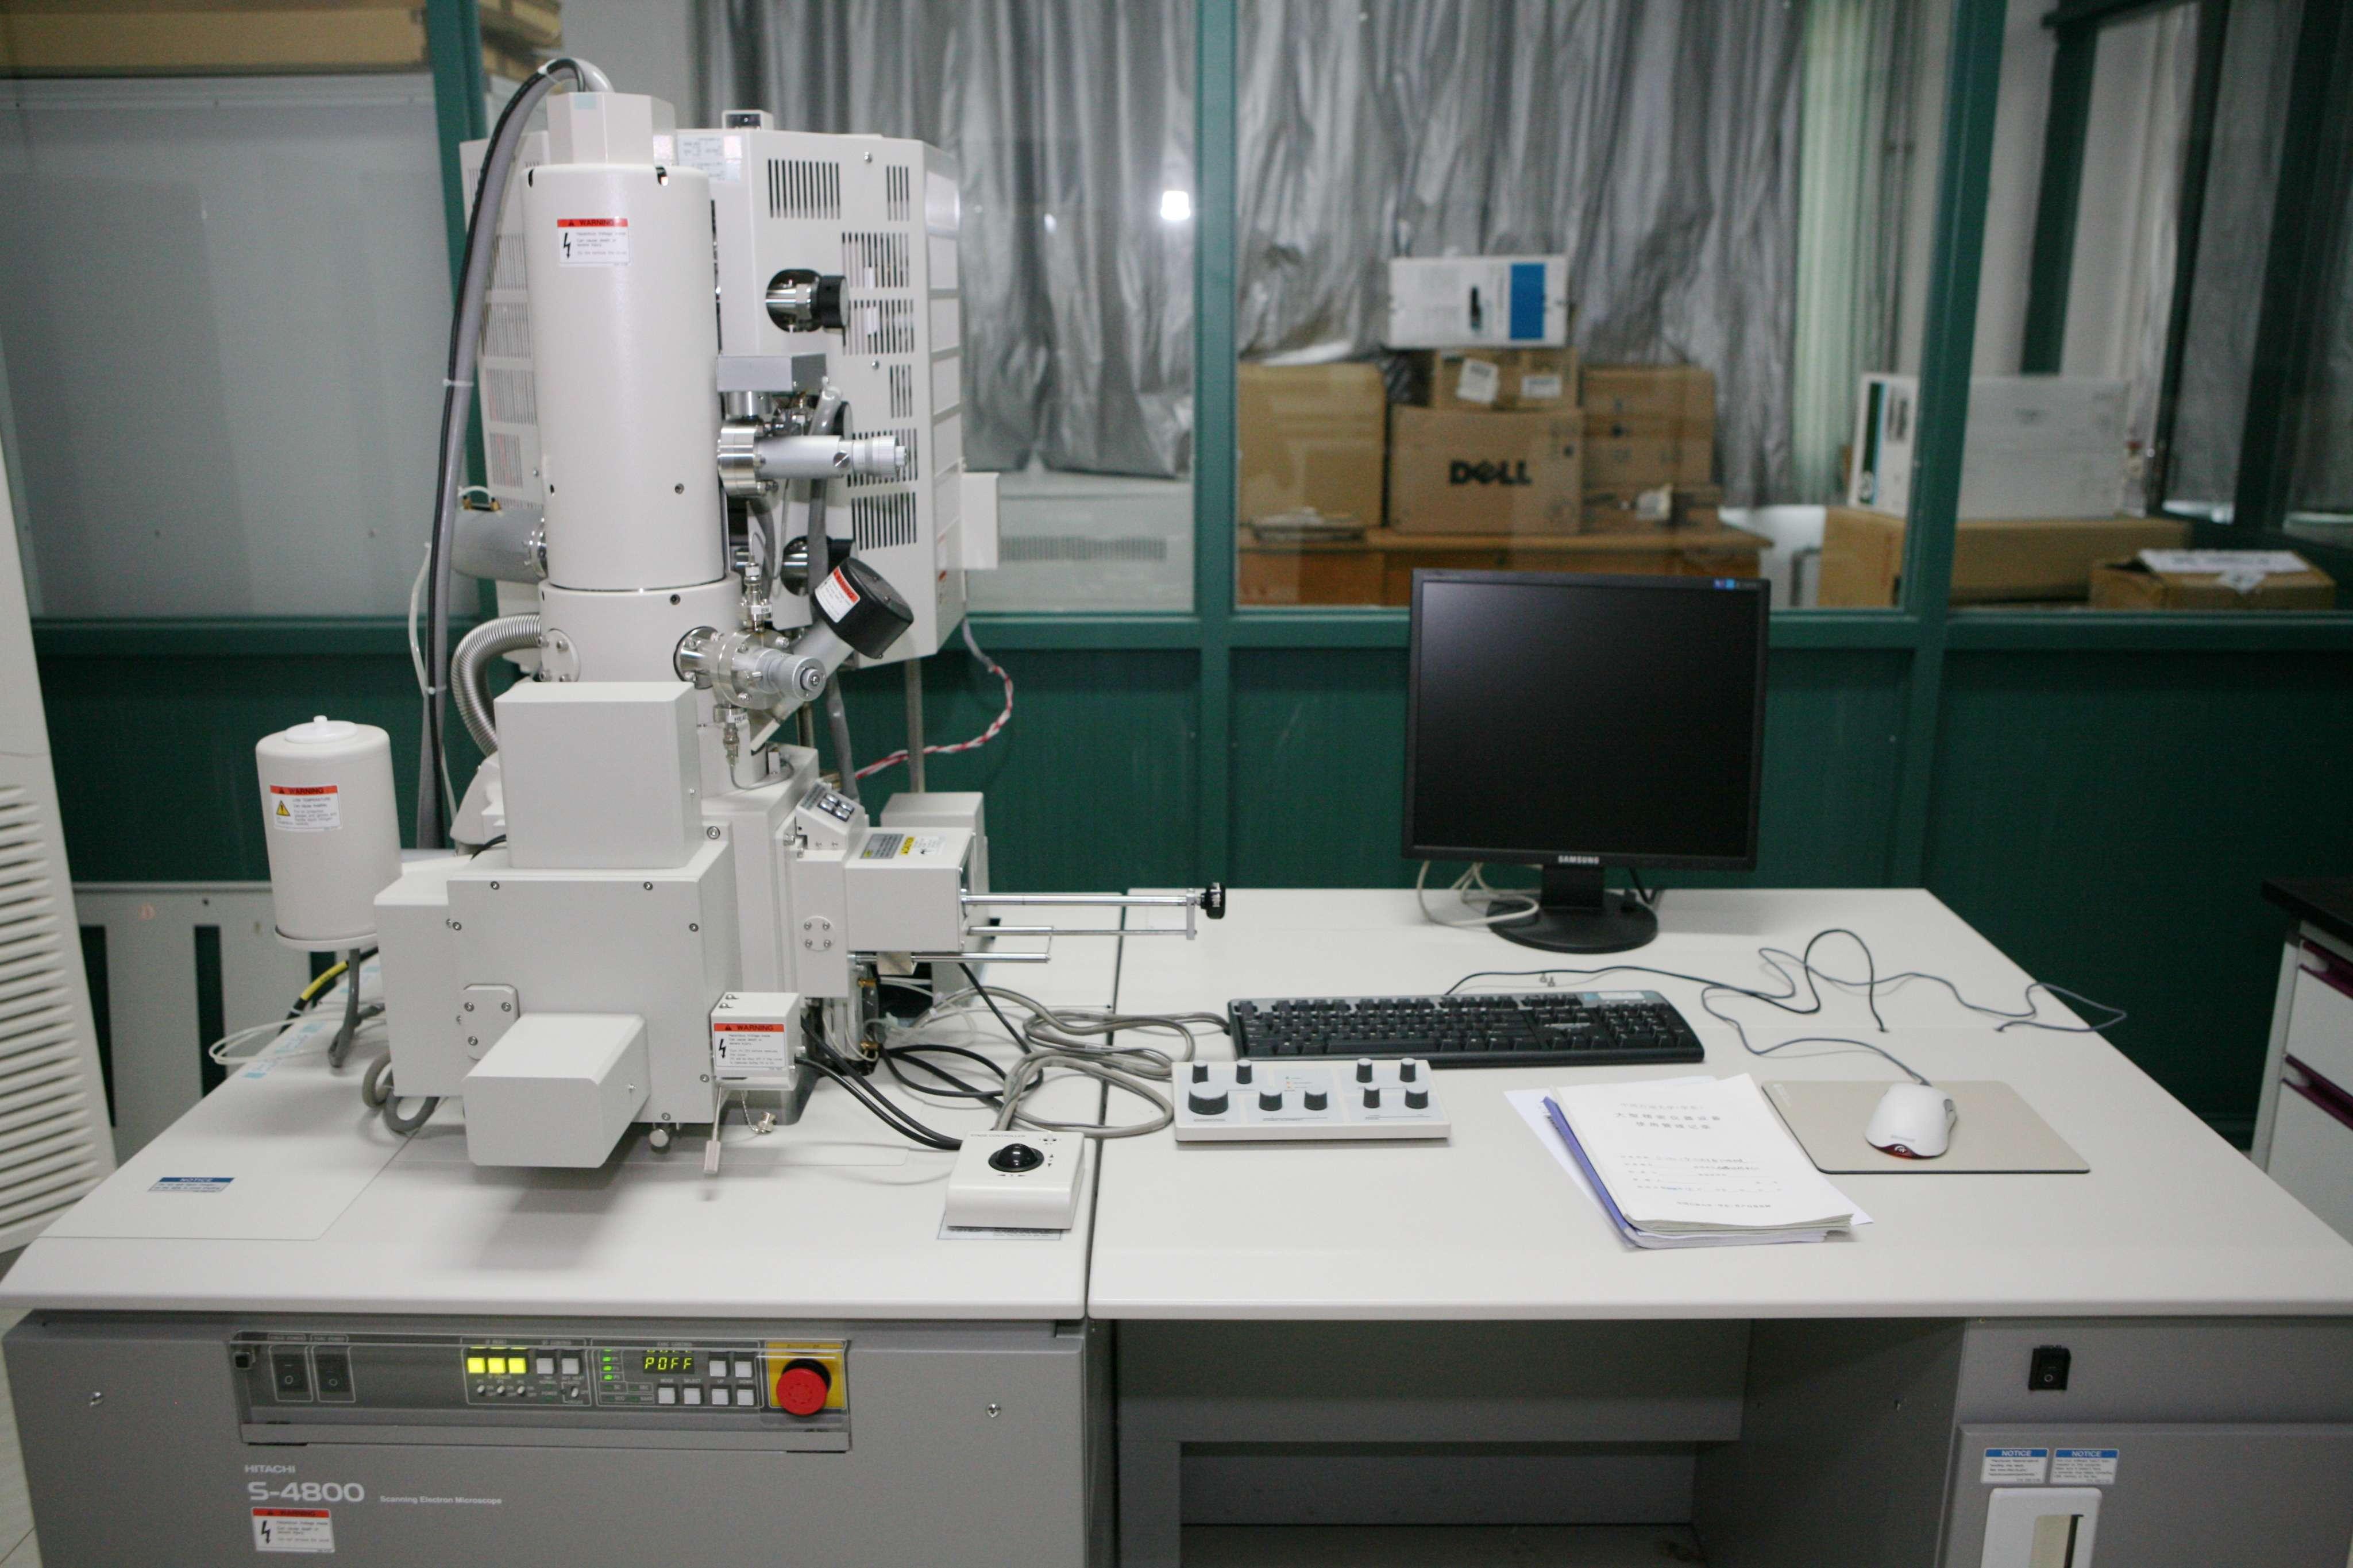 日立S4800型冷场发射扫描电镜